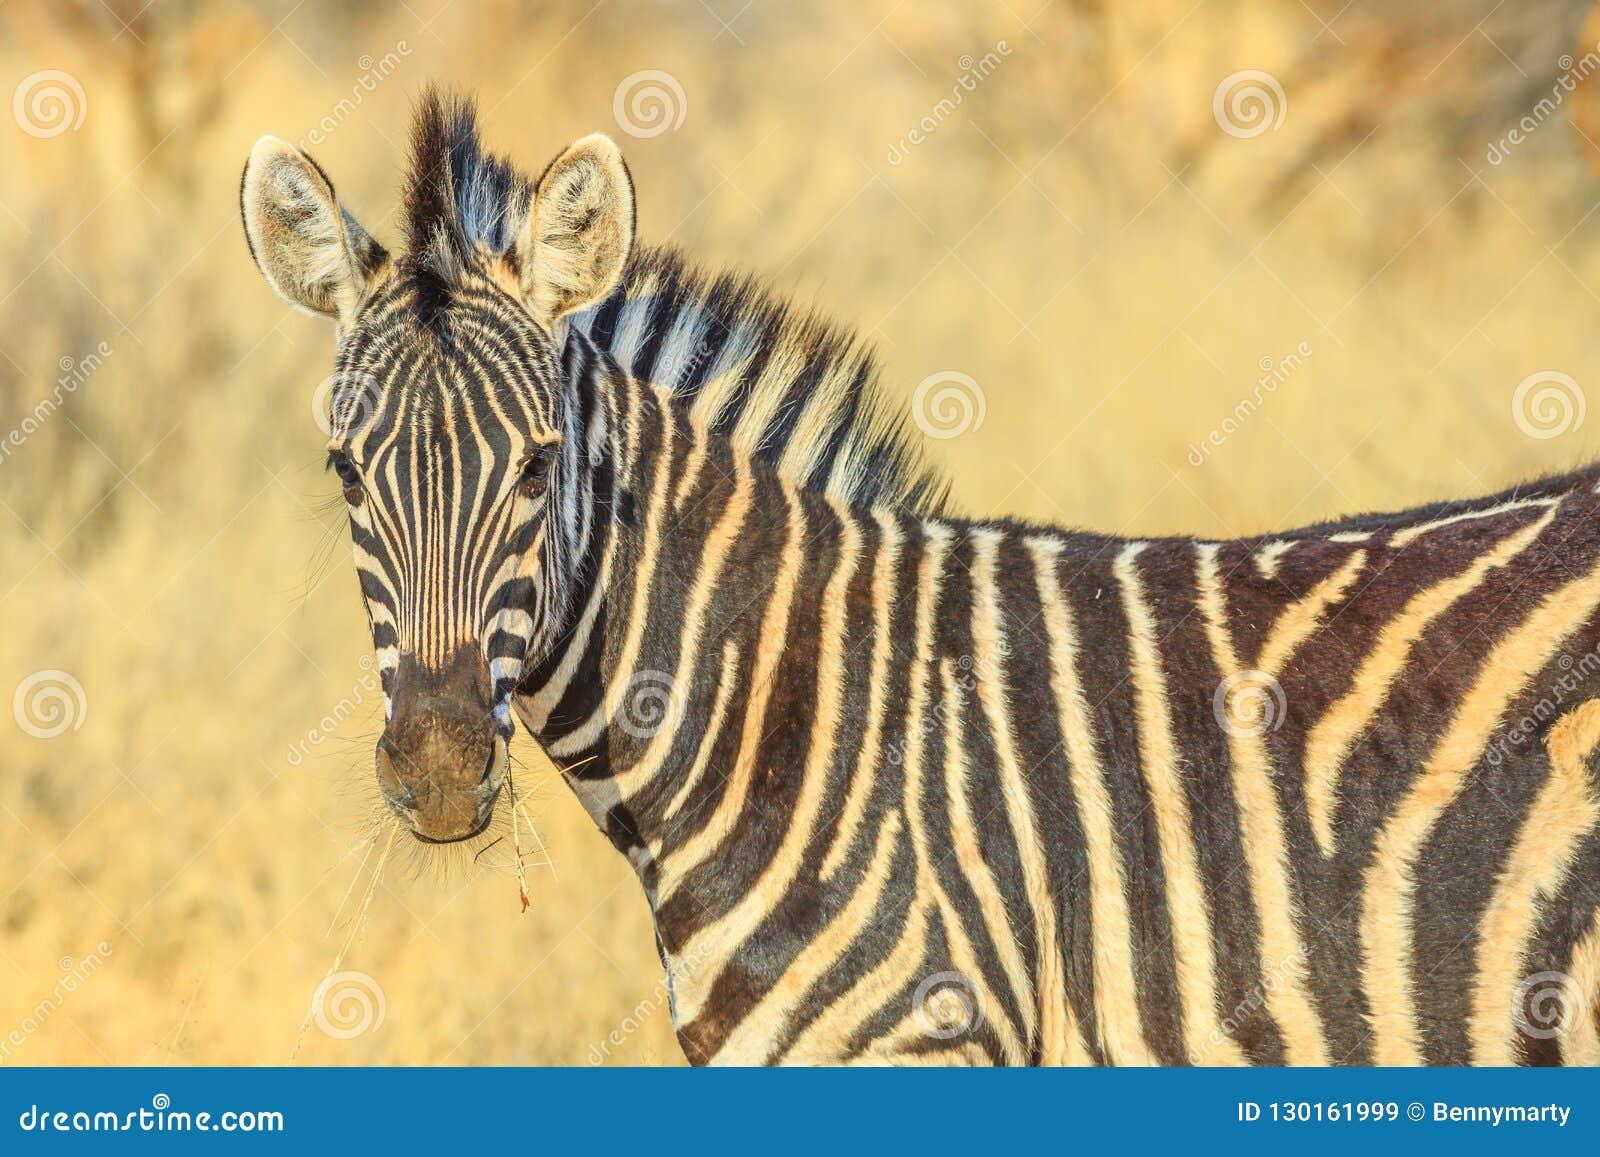 Zebra in Kalahari Desert